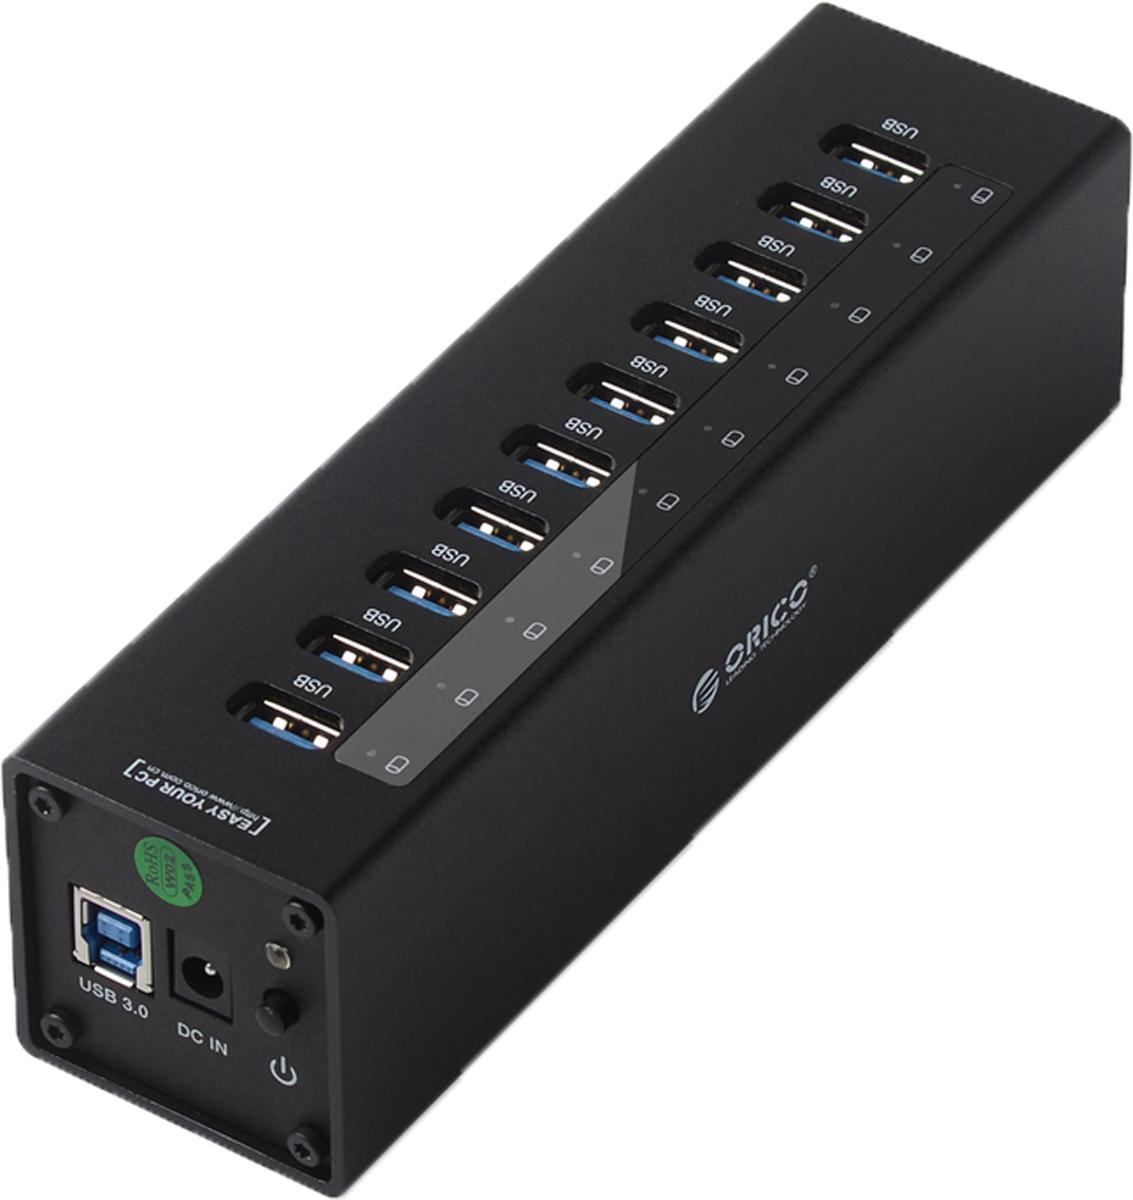 Orico A3H10, Black USB-концентраторORICO A3H10-BKOrico A3H10 оснащён 10 разъёмами USB 3.0, такого количества универсальных портов хватит на все случаи жизни. Периферия, накопители, принтеры, сканеры и другие устройства – к Orico A3H10 можно подключить любой девайс, поддерживающий стандарт USB. Все разъёмы Orico A3H10 обеспечивают скорость передачи данных в 5 Гбит/сек. Этой скорости с запасом хватит не только для подключения простой периферии, но и для жёстких дисков и быстрых флэш-накопителей. Orico A3H10 не требует установки драйверов и совместим с большинством популярных операционных систем: Windows XP, Vista, 7, 8, 8.1, 10, Mac OS и Linux. Высокопроизводительный USB-концентратор c 10 портами USB 3.0.Двухъядерный контроллер VIA Vl812 гарантирует эффективное использование энергии и высокую скорость передачи данных.Алюминиевый корпус.Скорость передачи данных до 5 Гбит/c.Внешний блок питания.Кабель USB 3.0 длиной 1 метр.Характеристики:Источник питания: Сетевой адаптерМатериал корпуса: Алиминевый сплавВход USB 3.0 тип ВВыход USB 3.0 тип АUSB выходов: 10Стандарты USB: USB 3.0 / 2.0 / 1.1Скорость сигнала: 5 Гбит/секПоддерживаемые ОС: Windows XP, Vista, 7, 8, 8.1, 10, Mac OS, LinuxПоддержка Plug&Play: ЕстьКонтроллер Via-Labs VL812Индикатор питания: ЕстьГабариты 50х50х184 ммДлина кабеля 1 м.